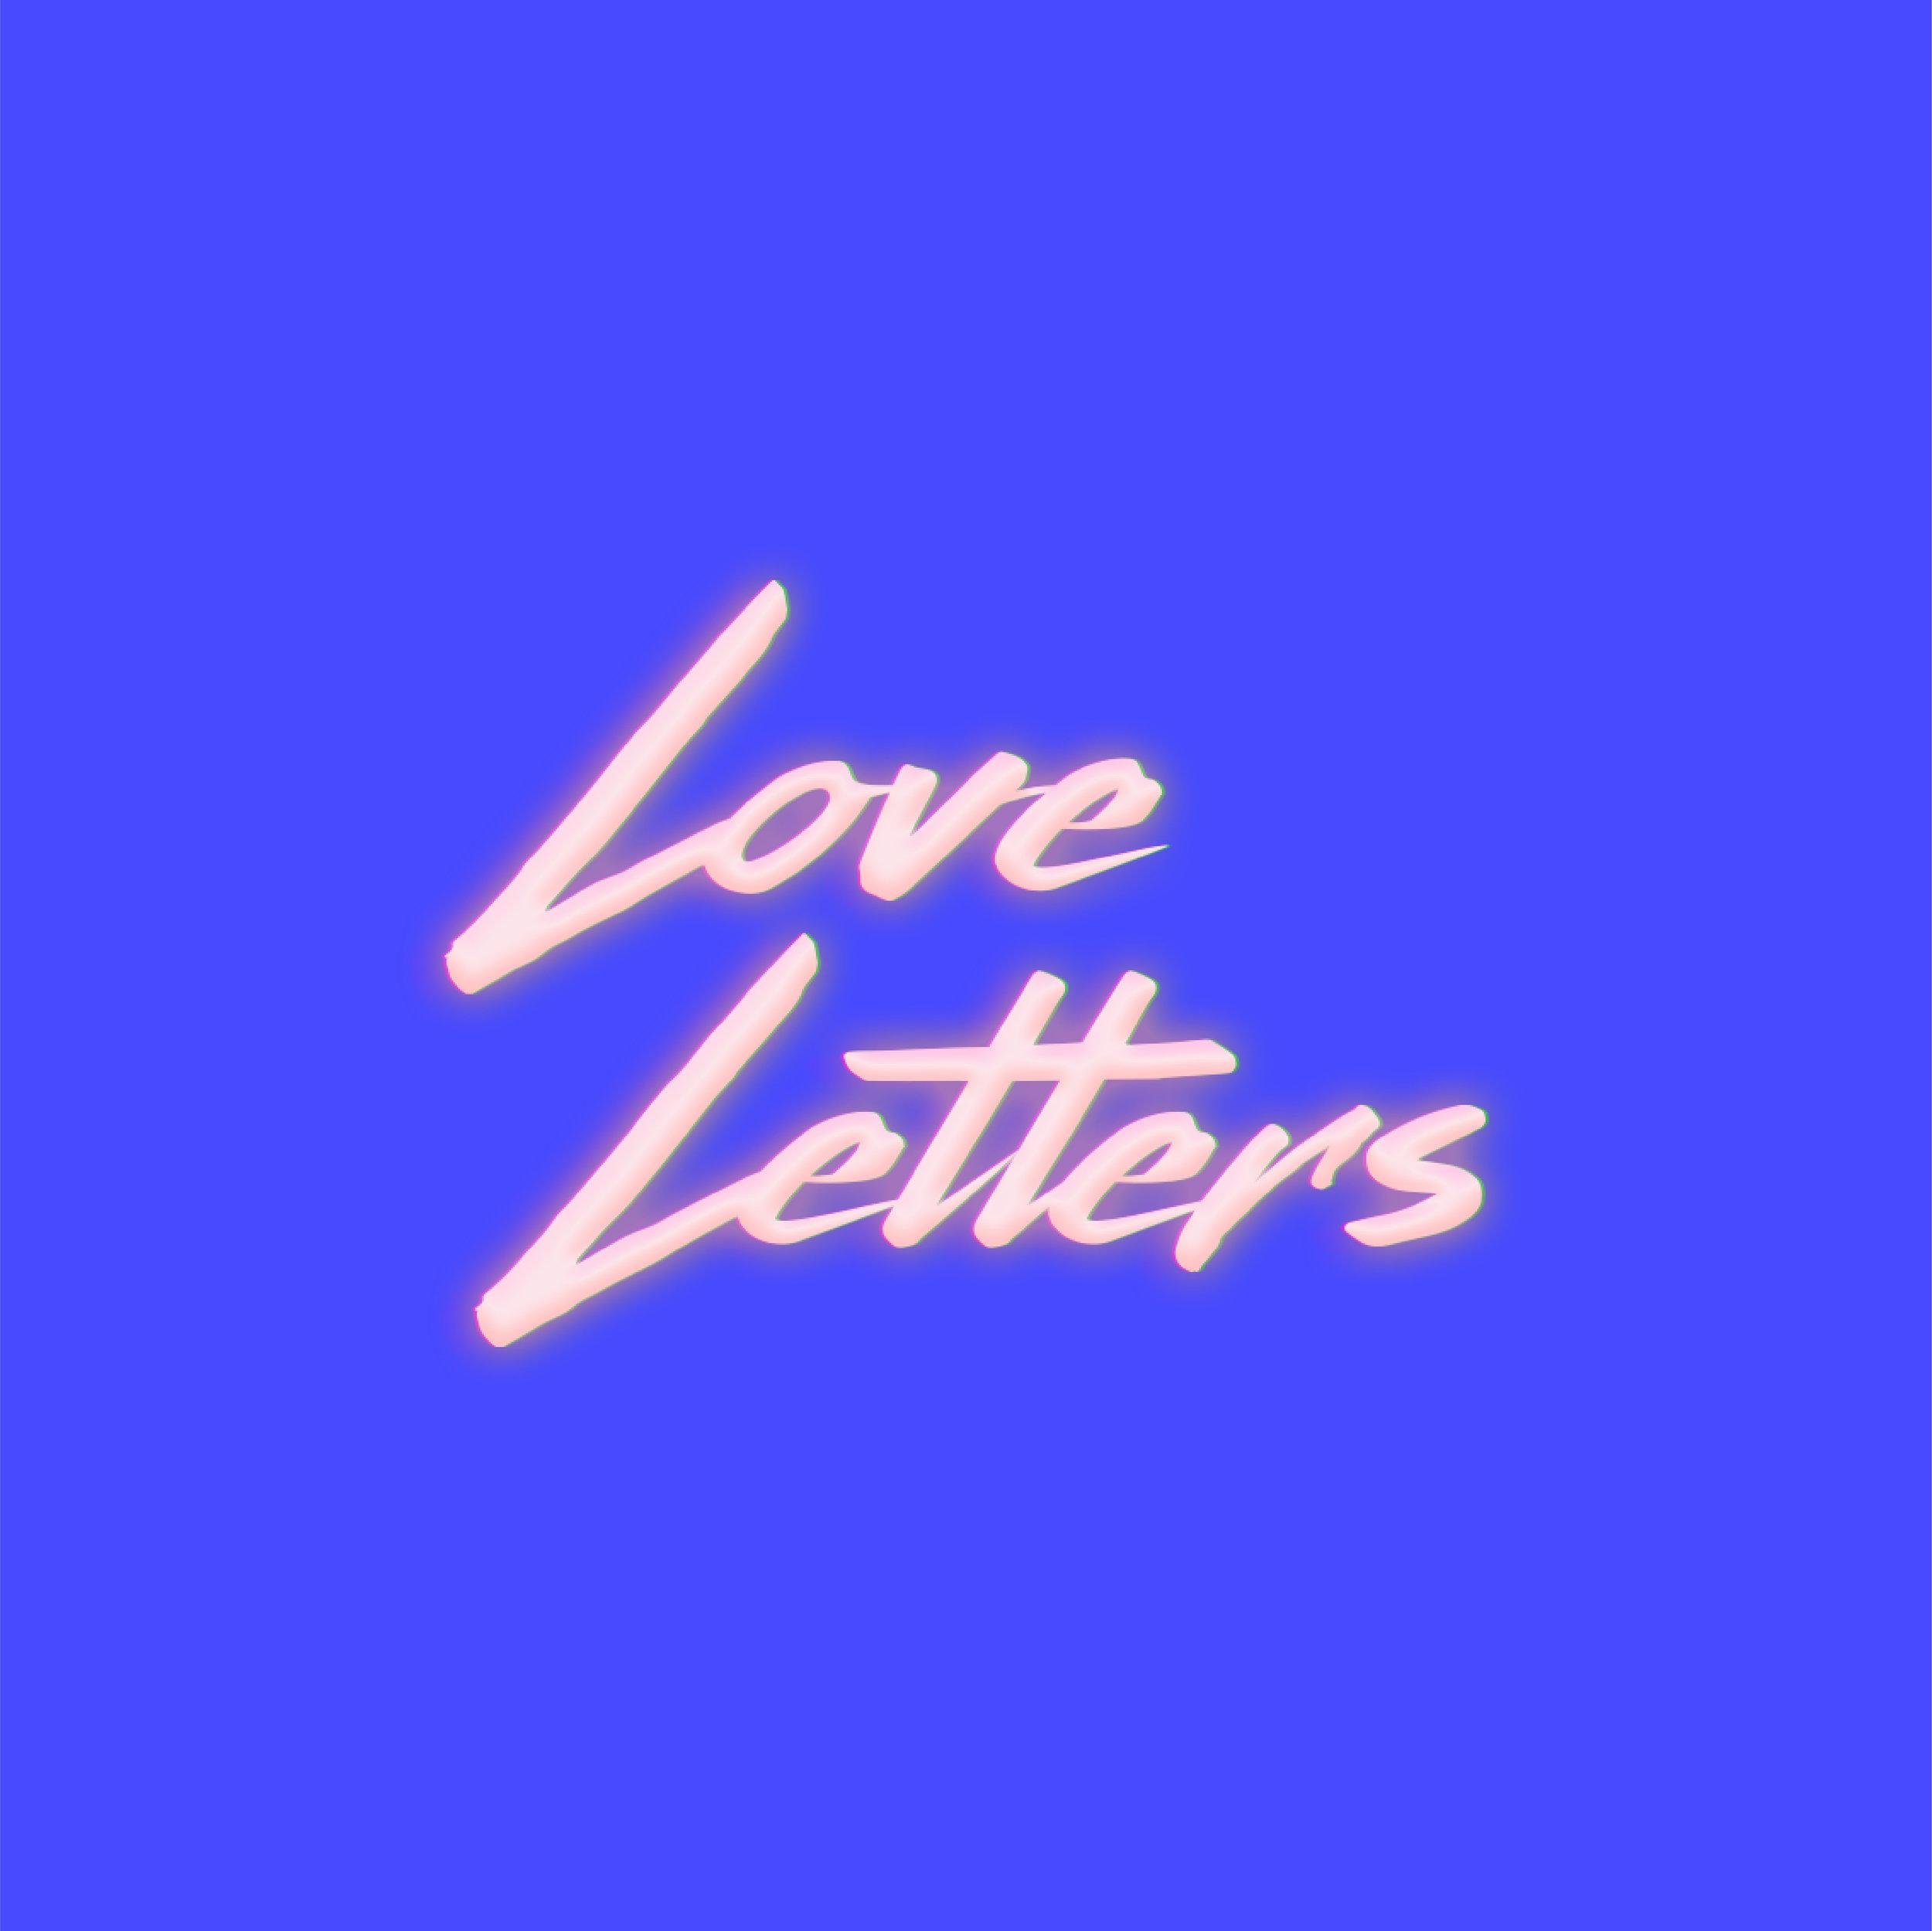 LoveLetters_logo.jpg